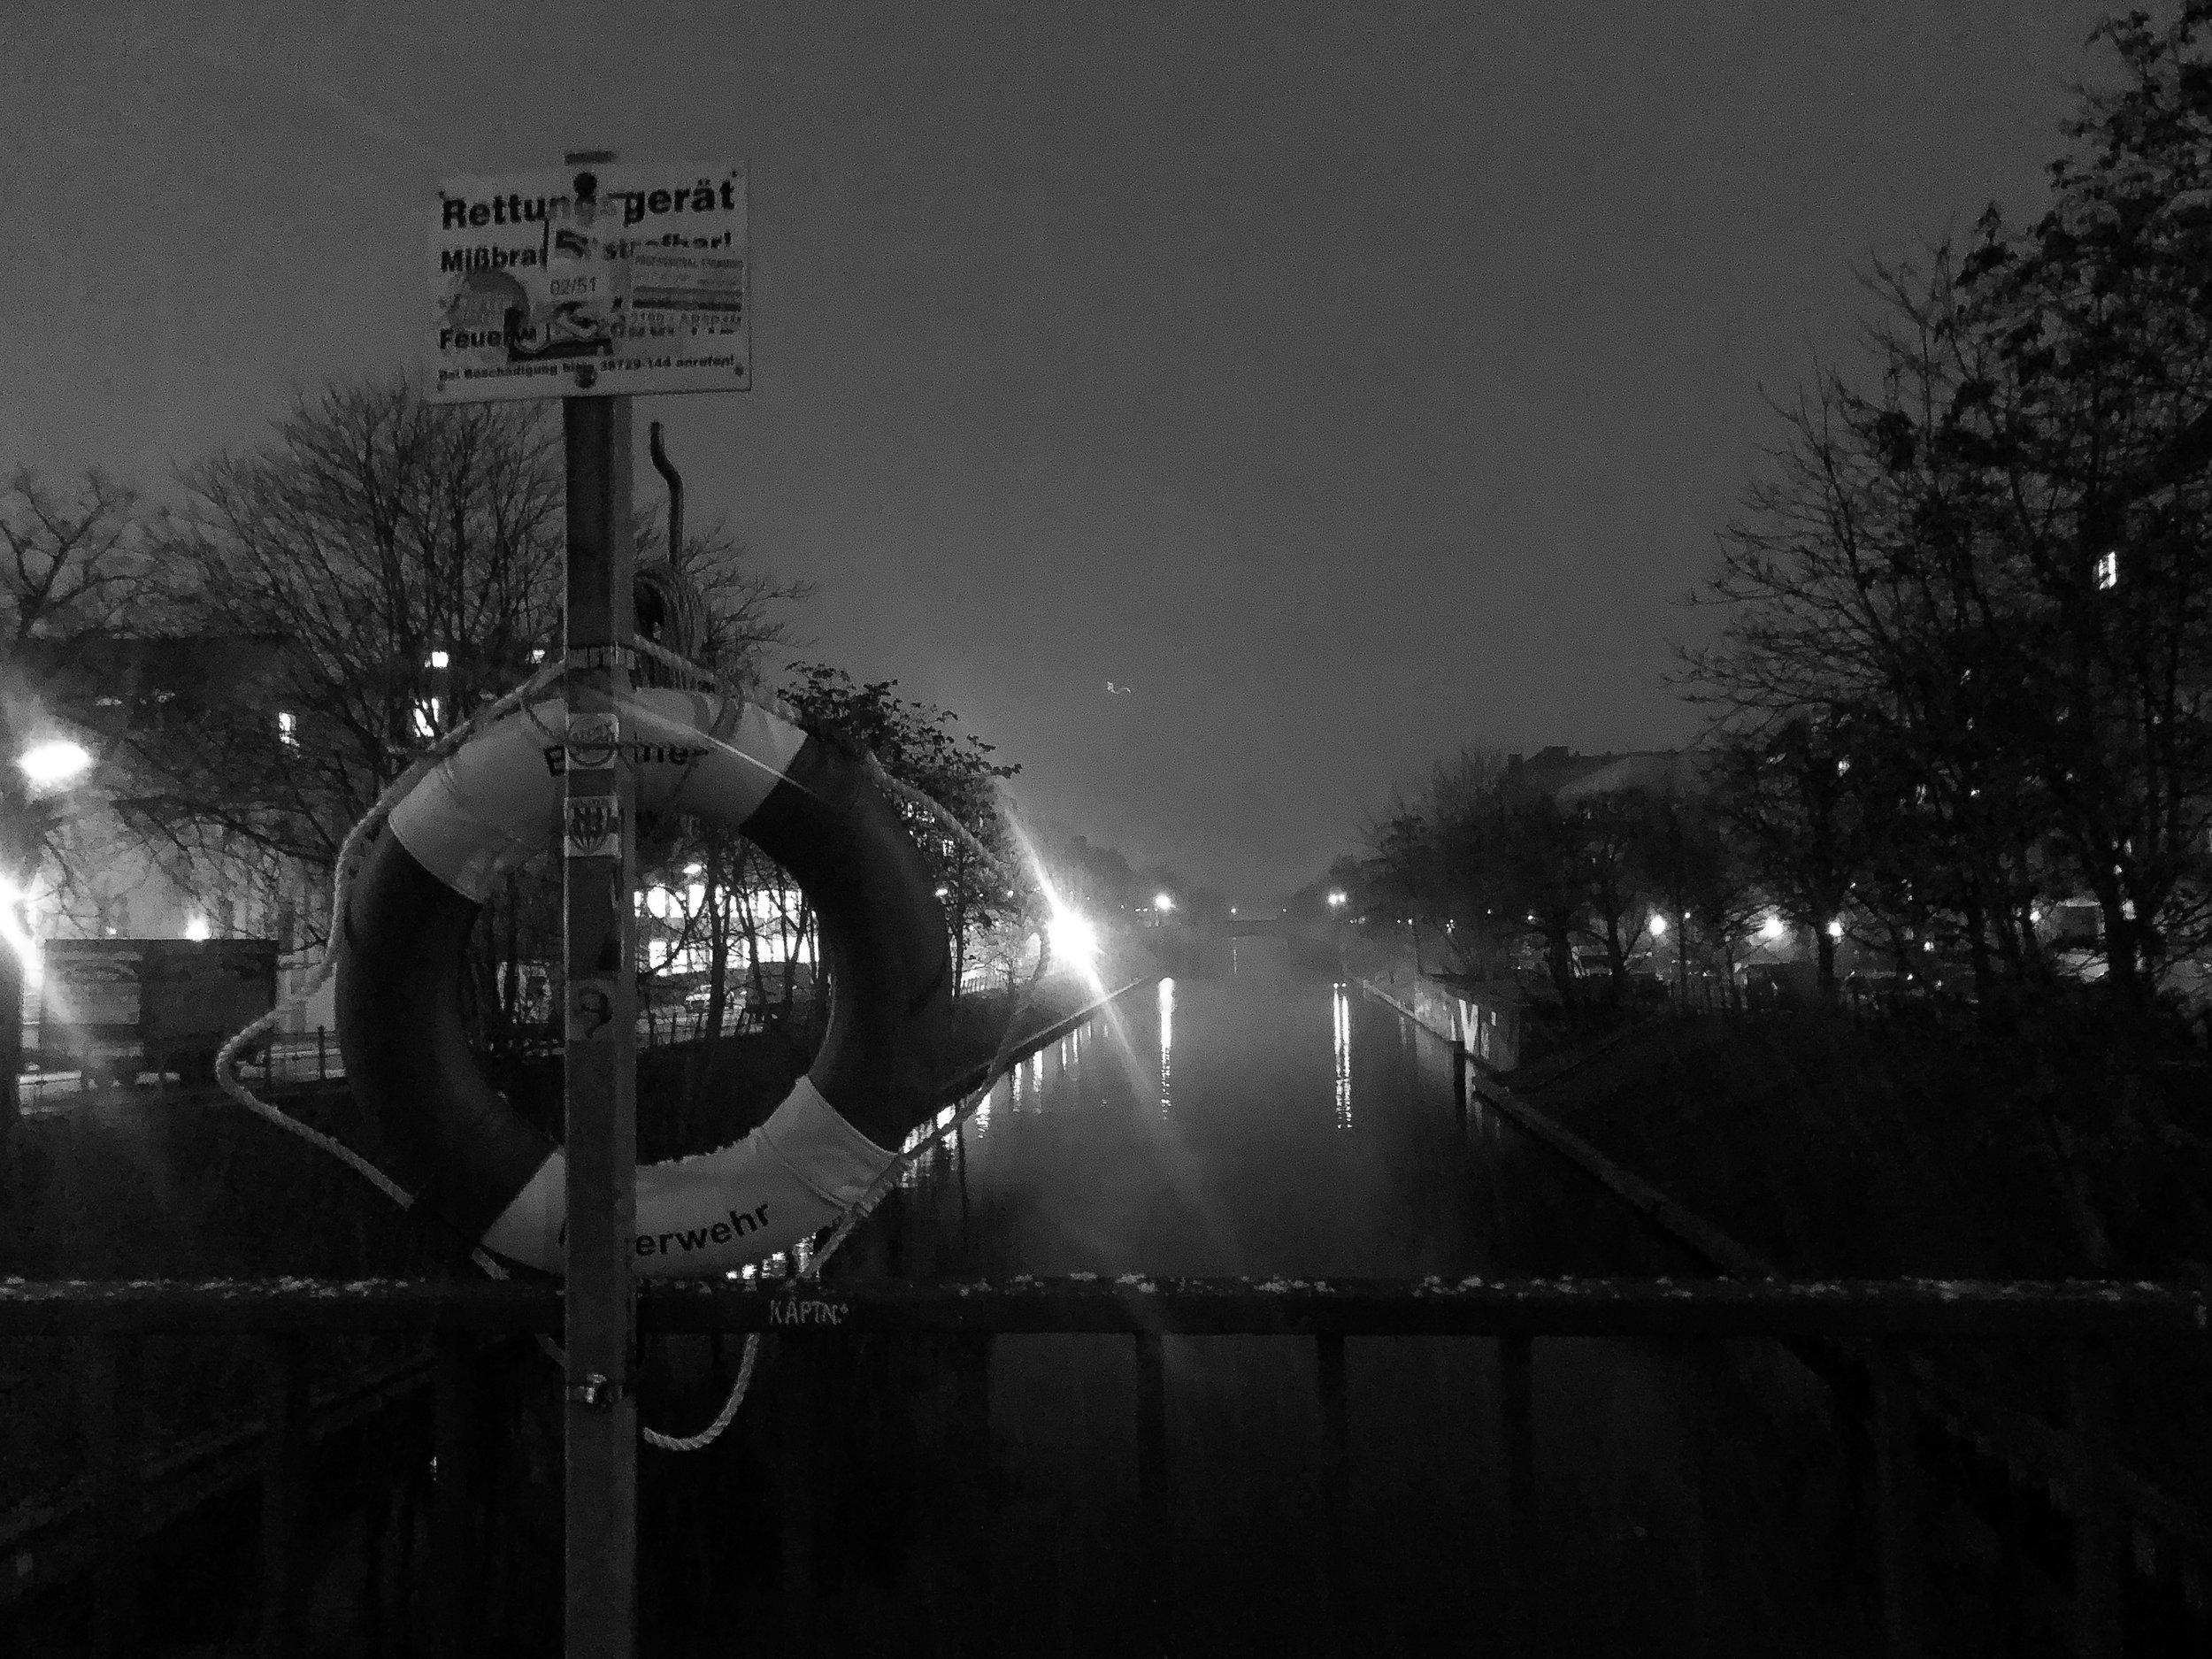 20190214-one_month_in_berlin-5.jpg